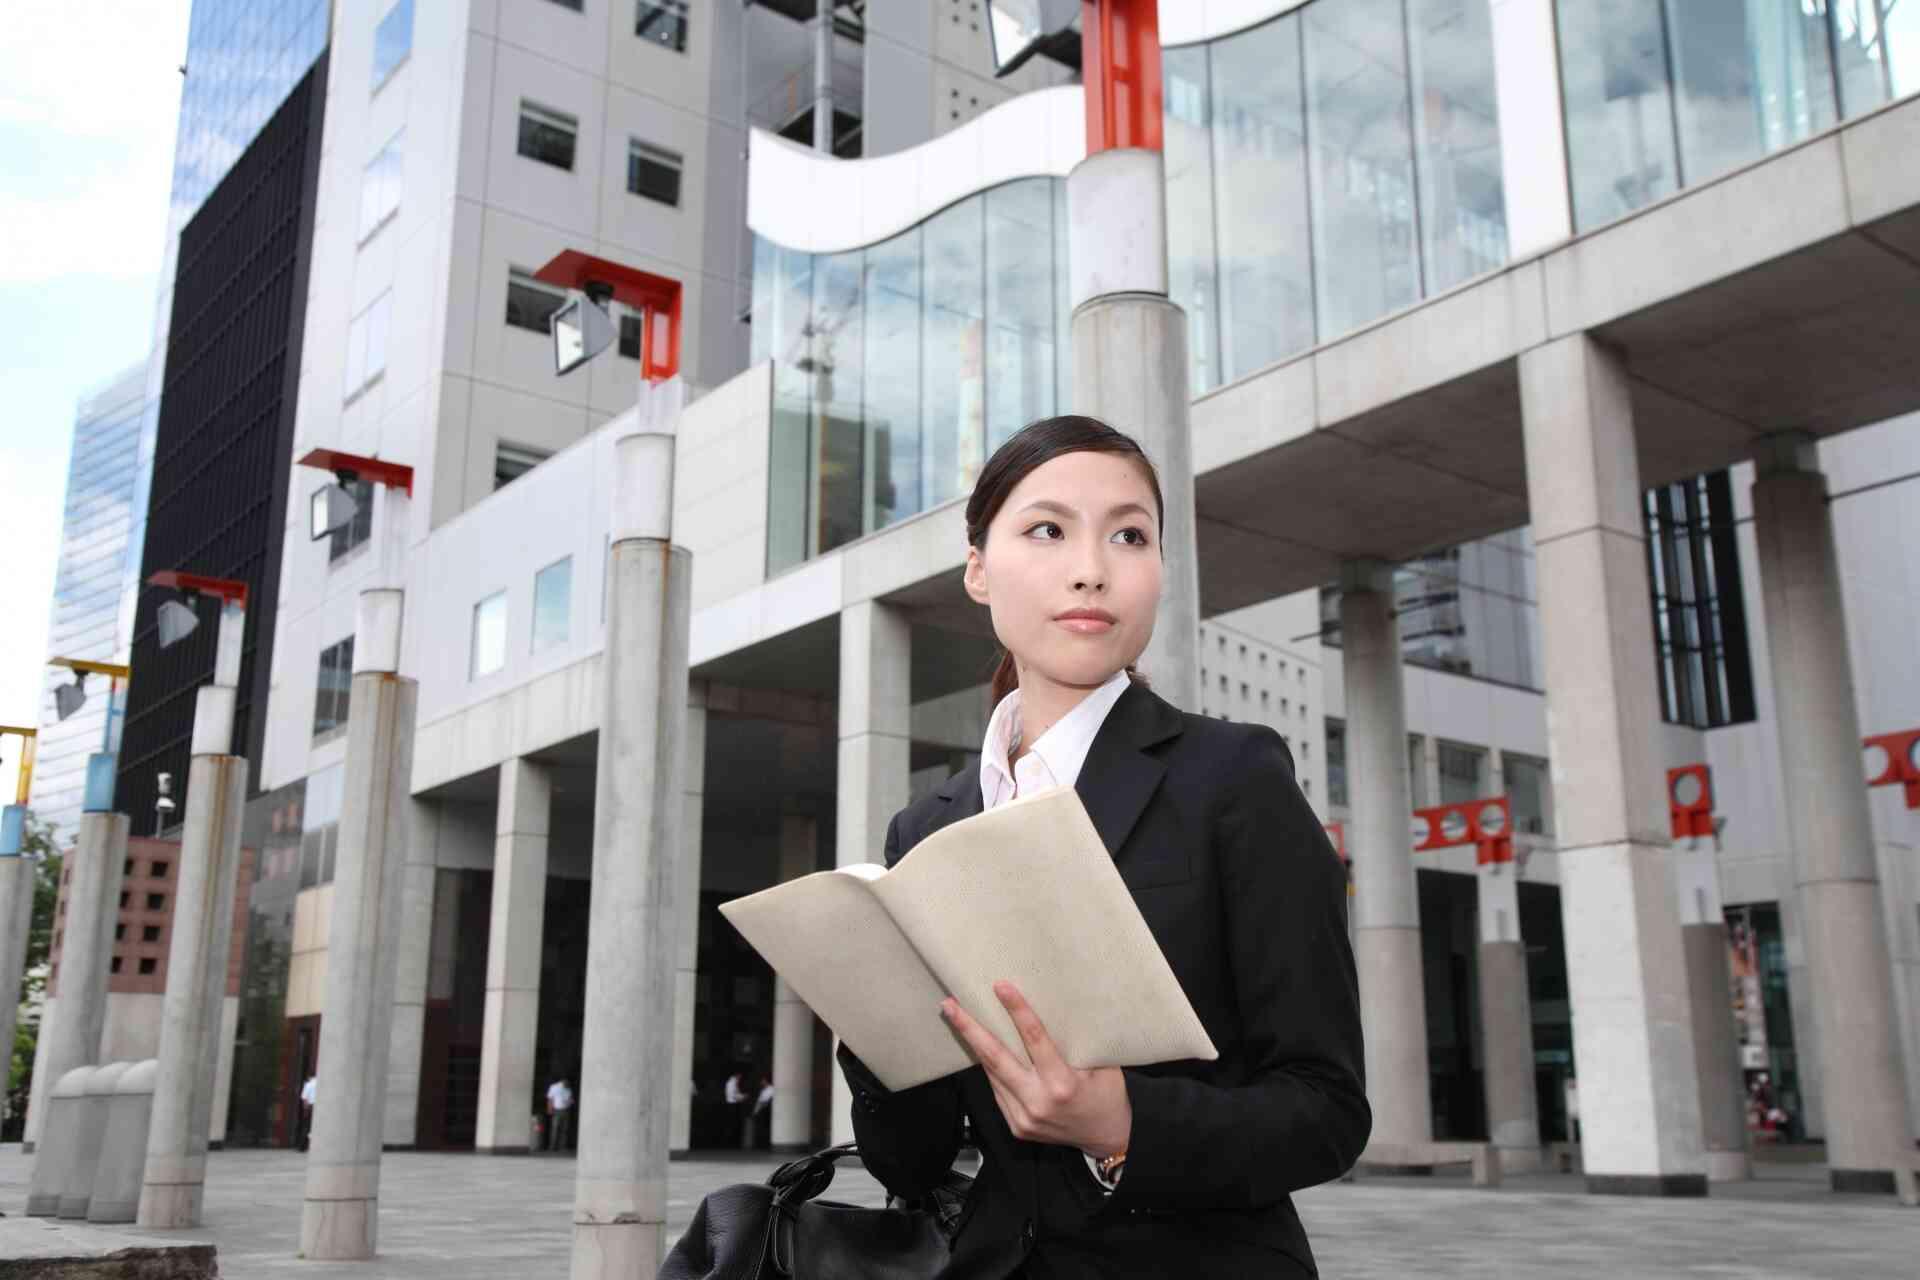 仕事で成長する人が実践している3つの習慣【成長しない人の特徴も】